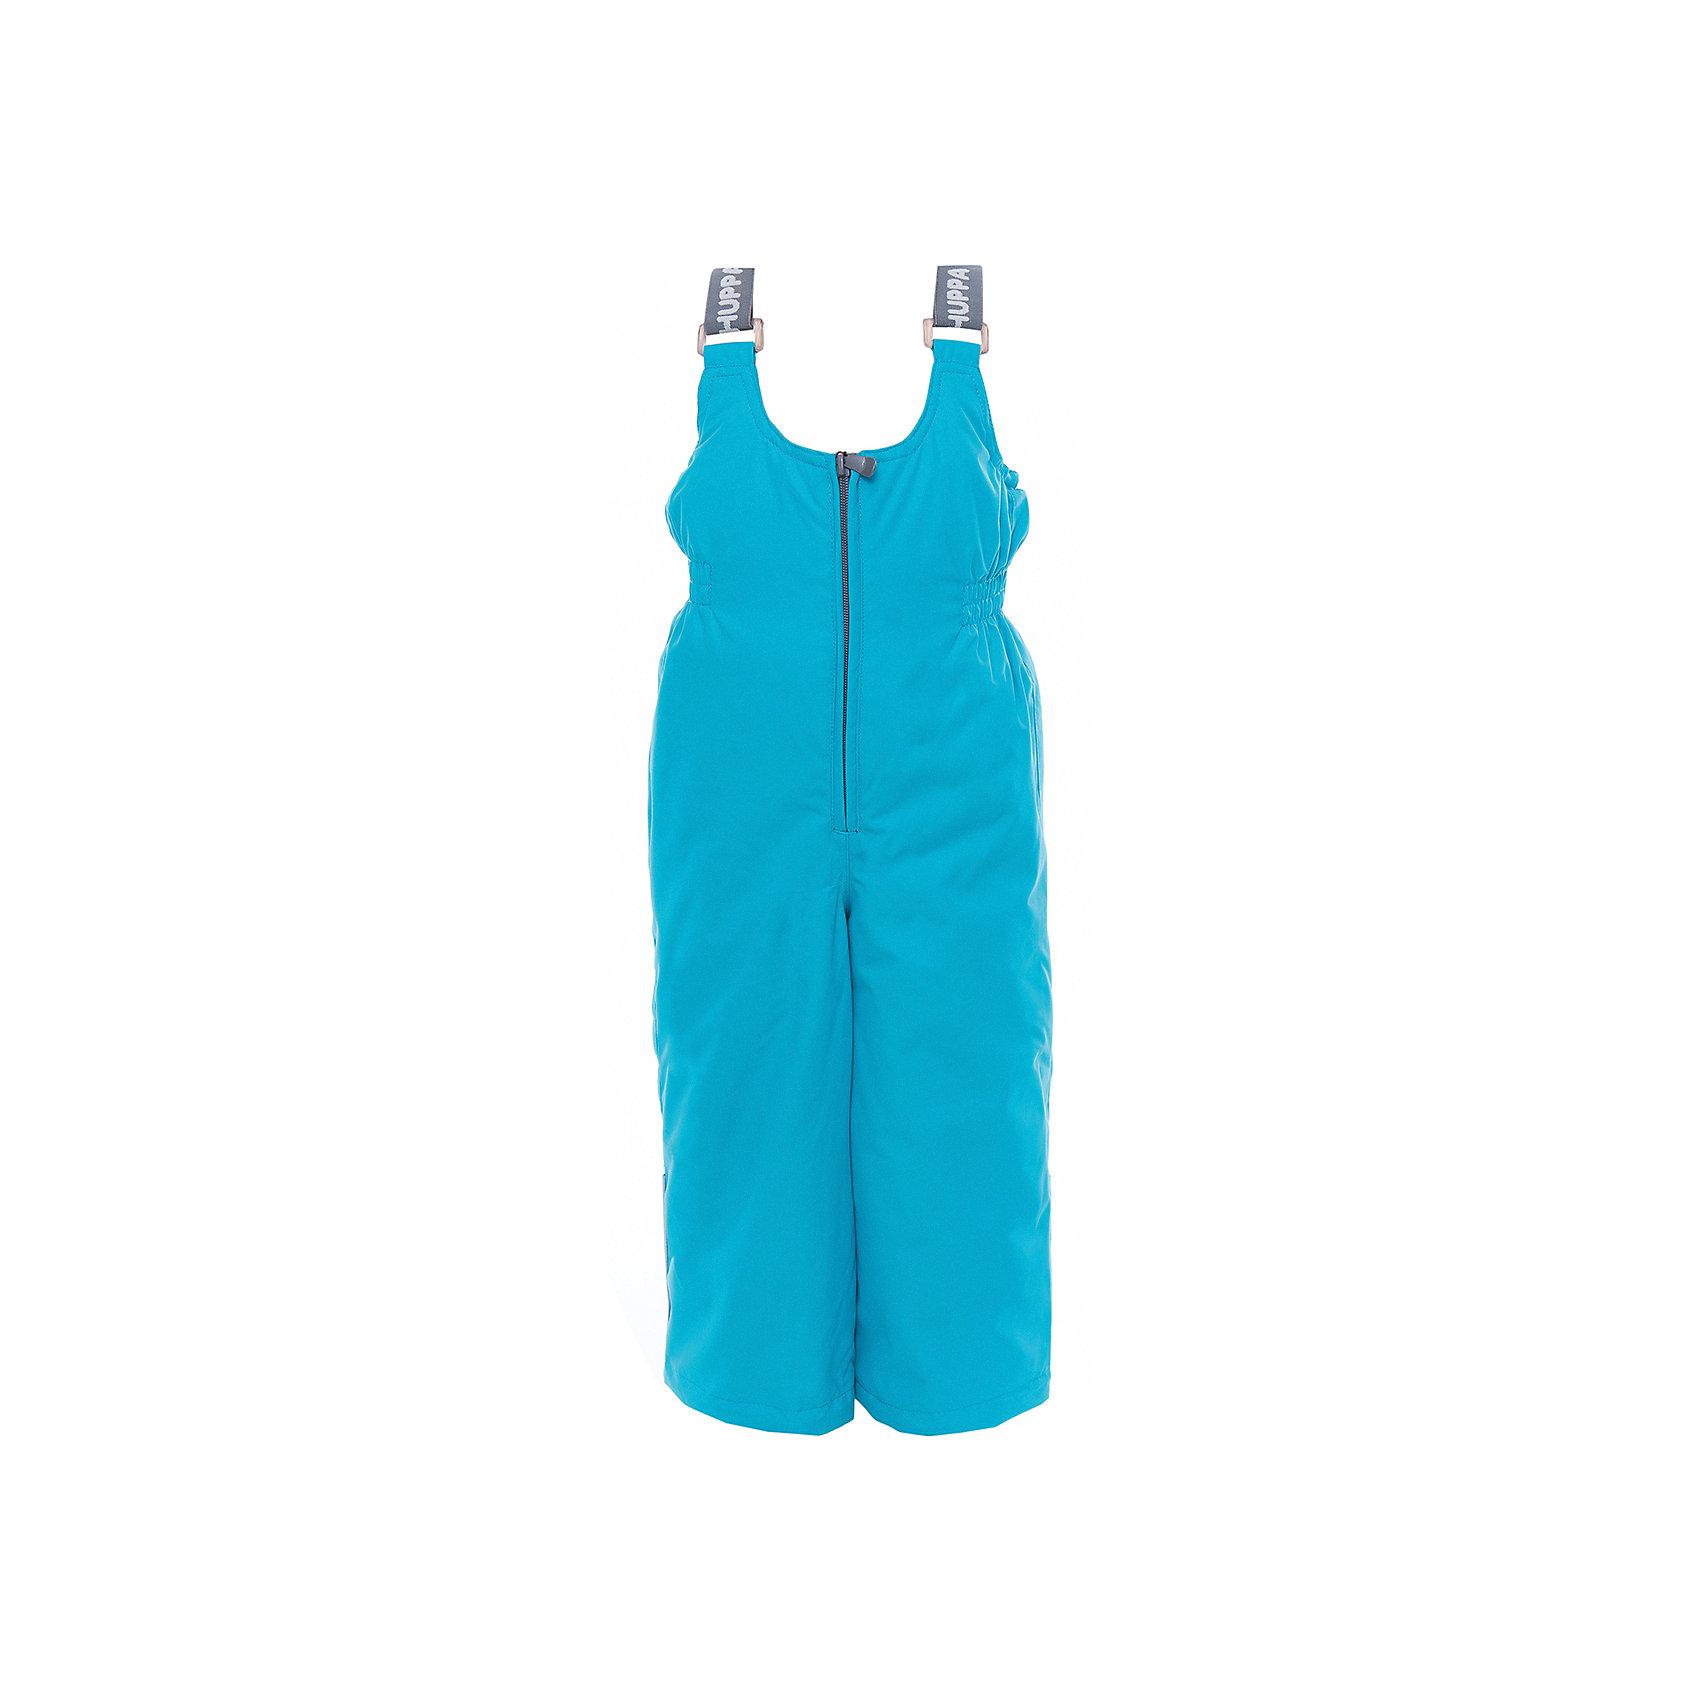 Брюки JORMA для девочки HuppaВерхняя одежда<br>Характеристики товара:<br><br>• цвет: голубой<br>• ткань: 100% полиэстер<br>• подкладка: тафта - 100% полиэстер<br>• утеплитель: 100% полиэстер 100 г<br>• температурный режим: от -5°С до +10°С<br>• водонепроницаемость: 10000 мм<br>• воздухопроницаемость: 10000 мм<br>• светоотражающие детали<br>• шов сидения проклеен<br>• регулируемые низы брючин<br>• эластичный шнурок + фиксатор<br>• без внутренних швов<br>• резиновые подтяжки<br>• комфортная посадка<br>• коллекция: весна-лето 2017<br>• страна бренда: Эстония<br><br>Эти утепленные брюки обеспечат детям тепло и комфорт. Они сделаны из материала, отталкивающего воду, и дополнены подкладкой с утеплителем, поэтому изделие идеально подходит для межсезонья. Материал изделия - с мембранной технологией: защищая от влаги и ветра, он легко выводит лишнюю влагу наружу. Для удобства лямки сделаны регулиющимися, а манжеты - эластичными. Брюки очень симпатично смотрятся. Модель была разработана специально для детей.<br><br>Одежда и обувь от популярного эстонского бренда Huppa - отличный вариант одеть ребенка можно и комфортно. Вещи, выпускаемые компанией, качественные, продуманные и очень удобные. Для производства изделий используются только безопасные для детей материалы. Продукция от Huppa порадует и детей, и их родителей!<br><br>Брюки JORMA от бренда Huppa (Хуппа) можно купить в нашем интернет-магазине.<br><br>Ширина мм: 215<br>Глубина мм: 88<br>Высота мм: 191<br>Вес г: 336<br>Цвет: голубой<br>Возраст от месяцев: 96<br>Возраст до месяцев: 108<br>Пол: Женский<br>Возраст: Детский<br>Размер: 134,92,98,104,110,116,122,128<br>SKU: 5347227